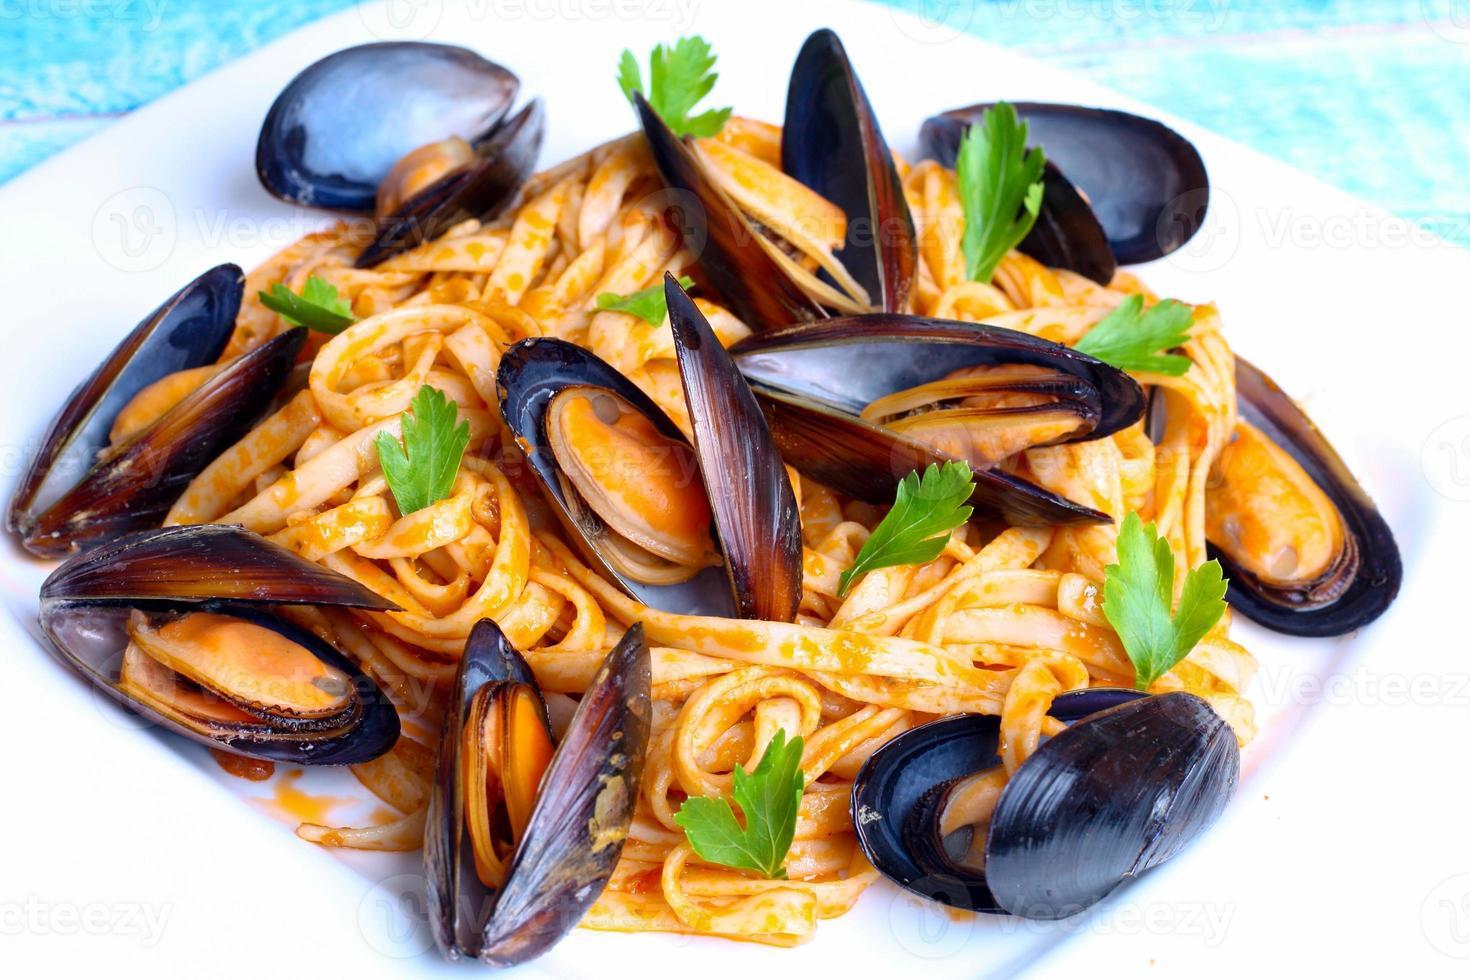 macarrão com frutos do mar mexilhões foto